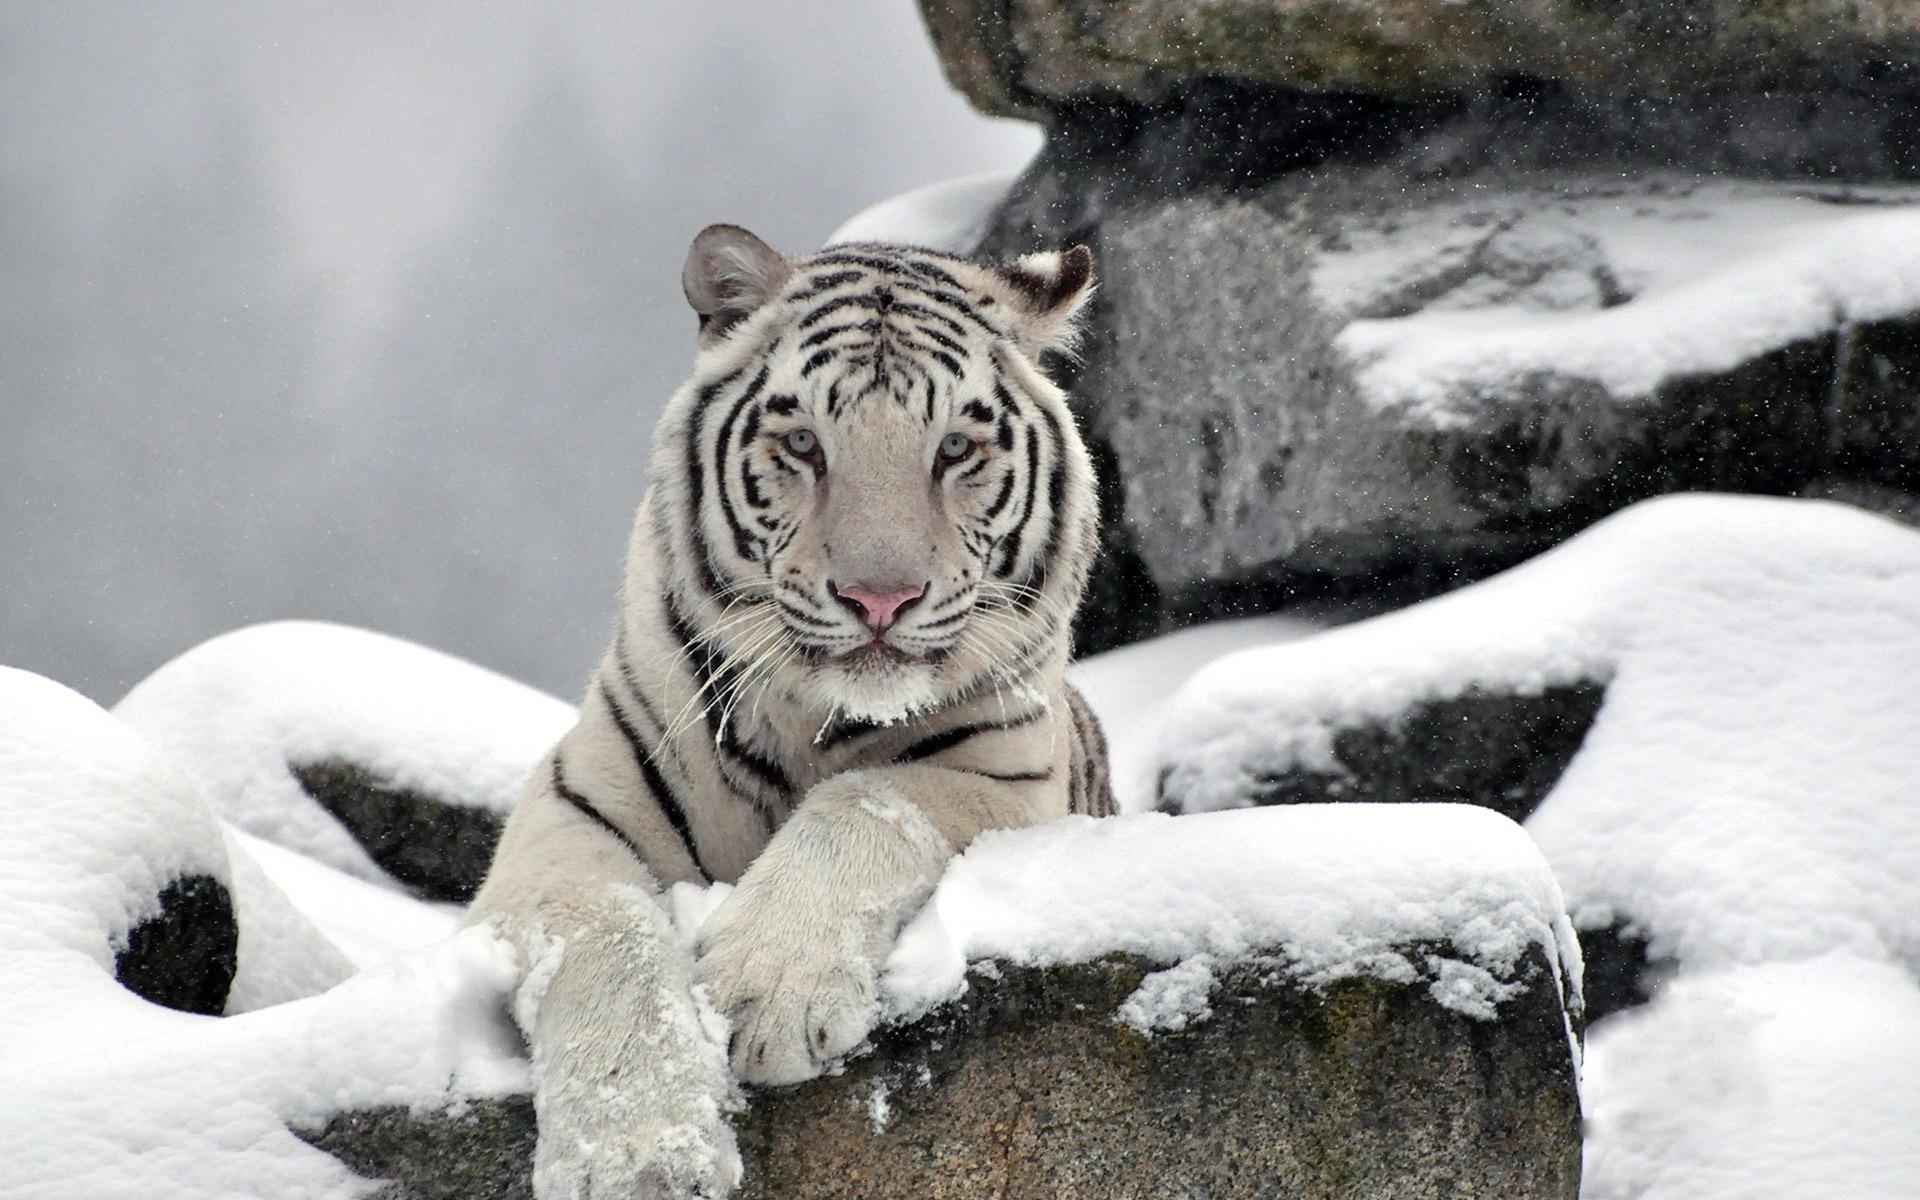 белый тигр на снегу  № 988795 бесплатно